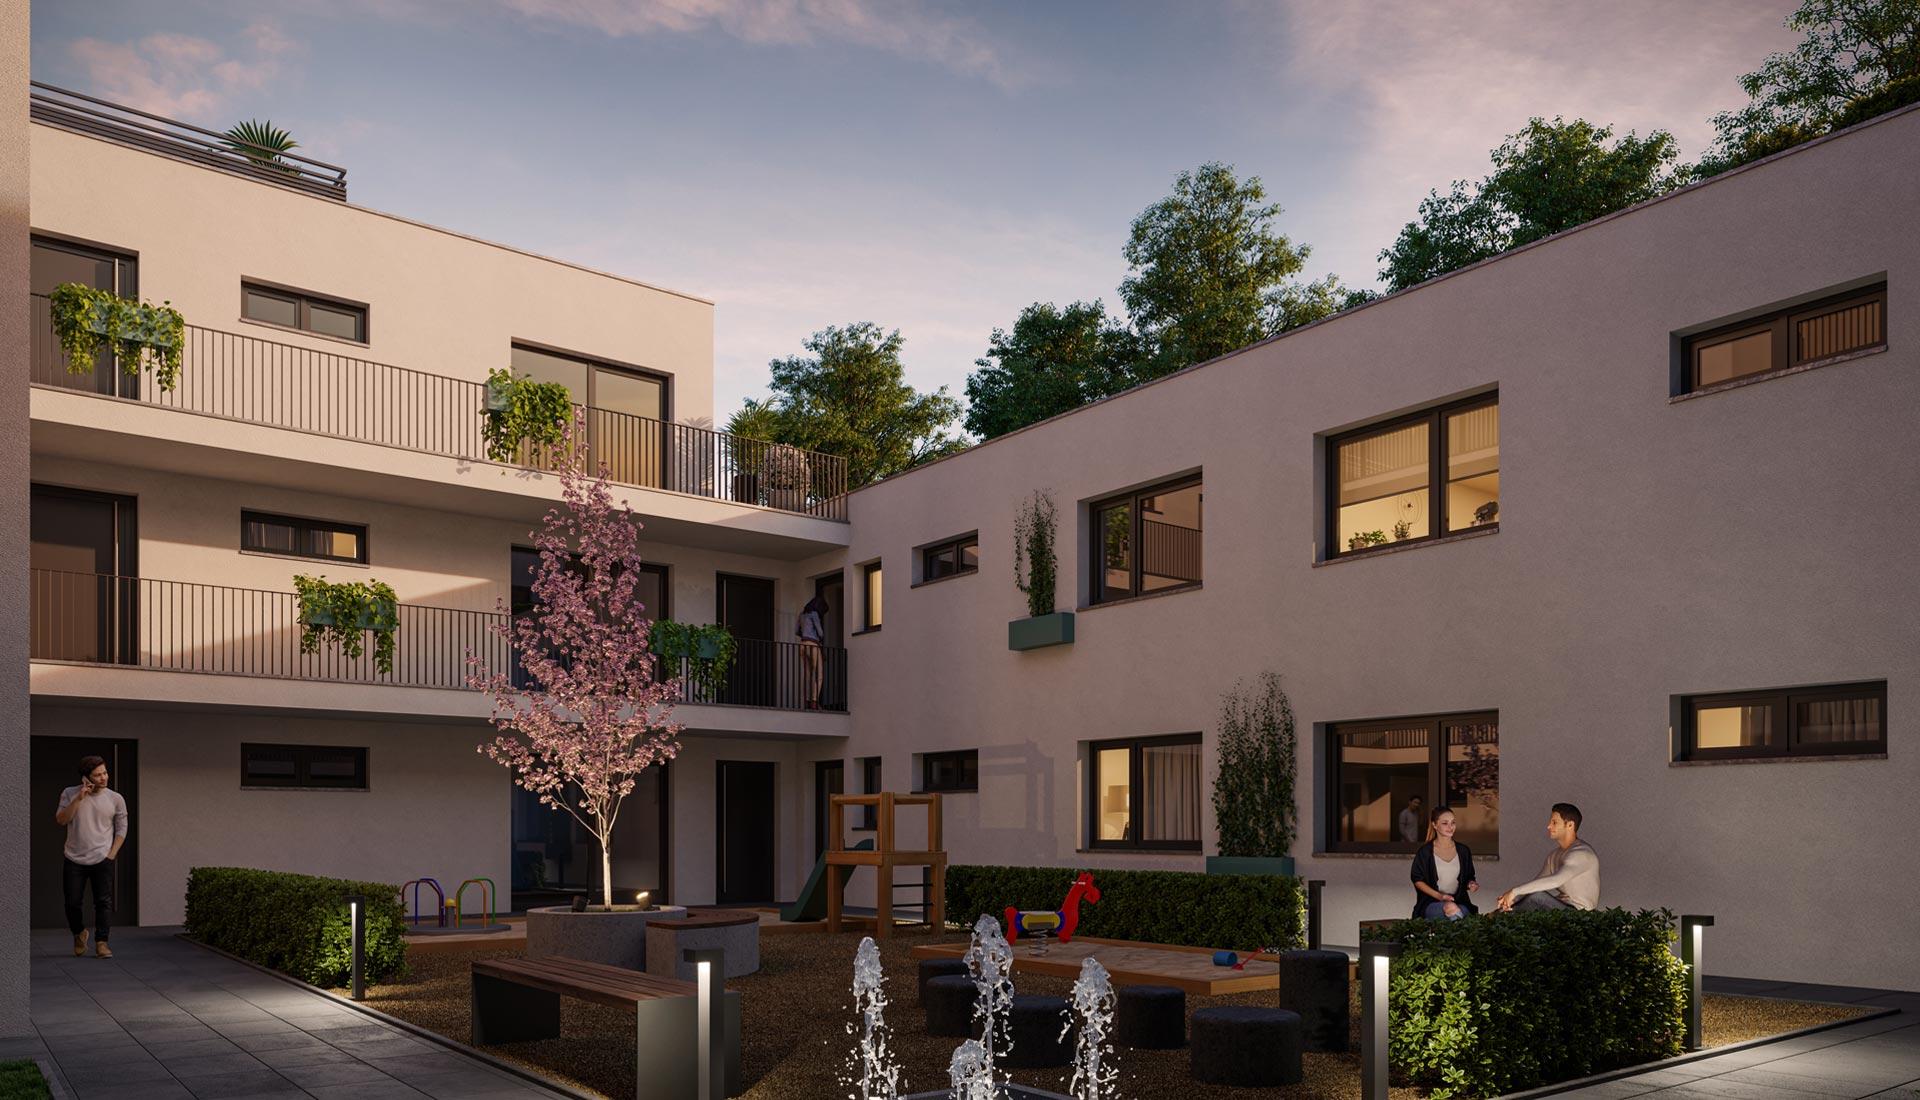 OPUS Marketing / Projekte / Atrio310 Rendering Atrium